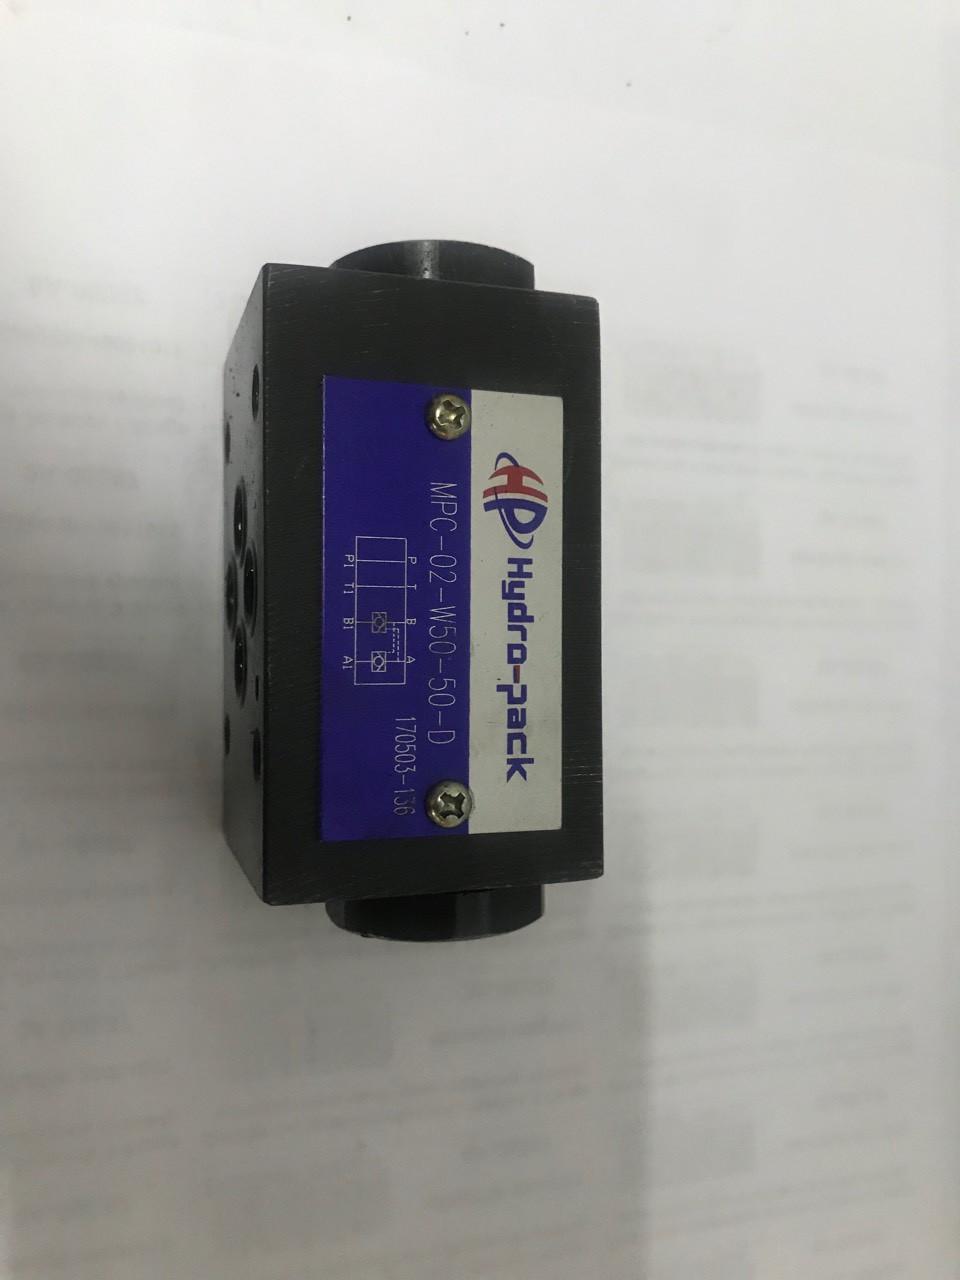 Гидрораспределитель соленоидный электромагнитный MPС-02W-50-50-D